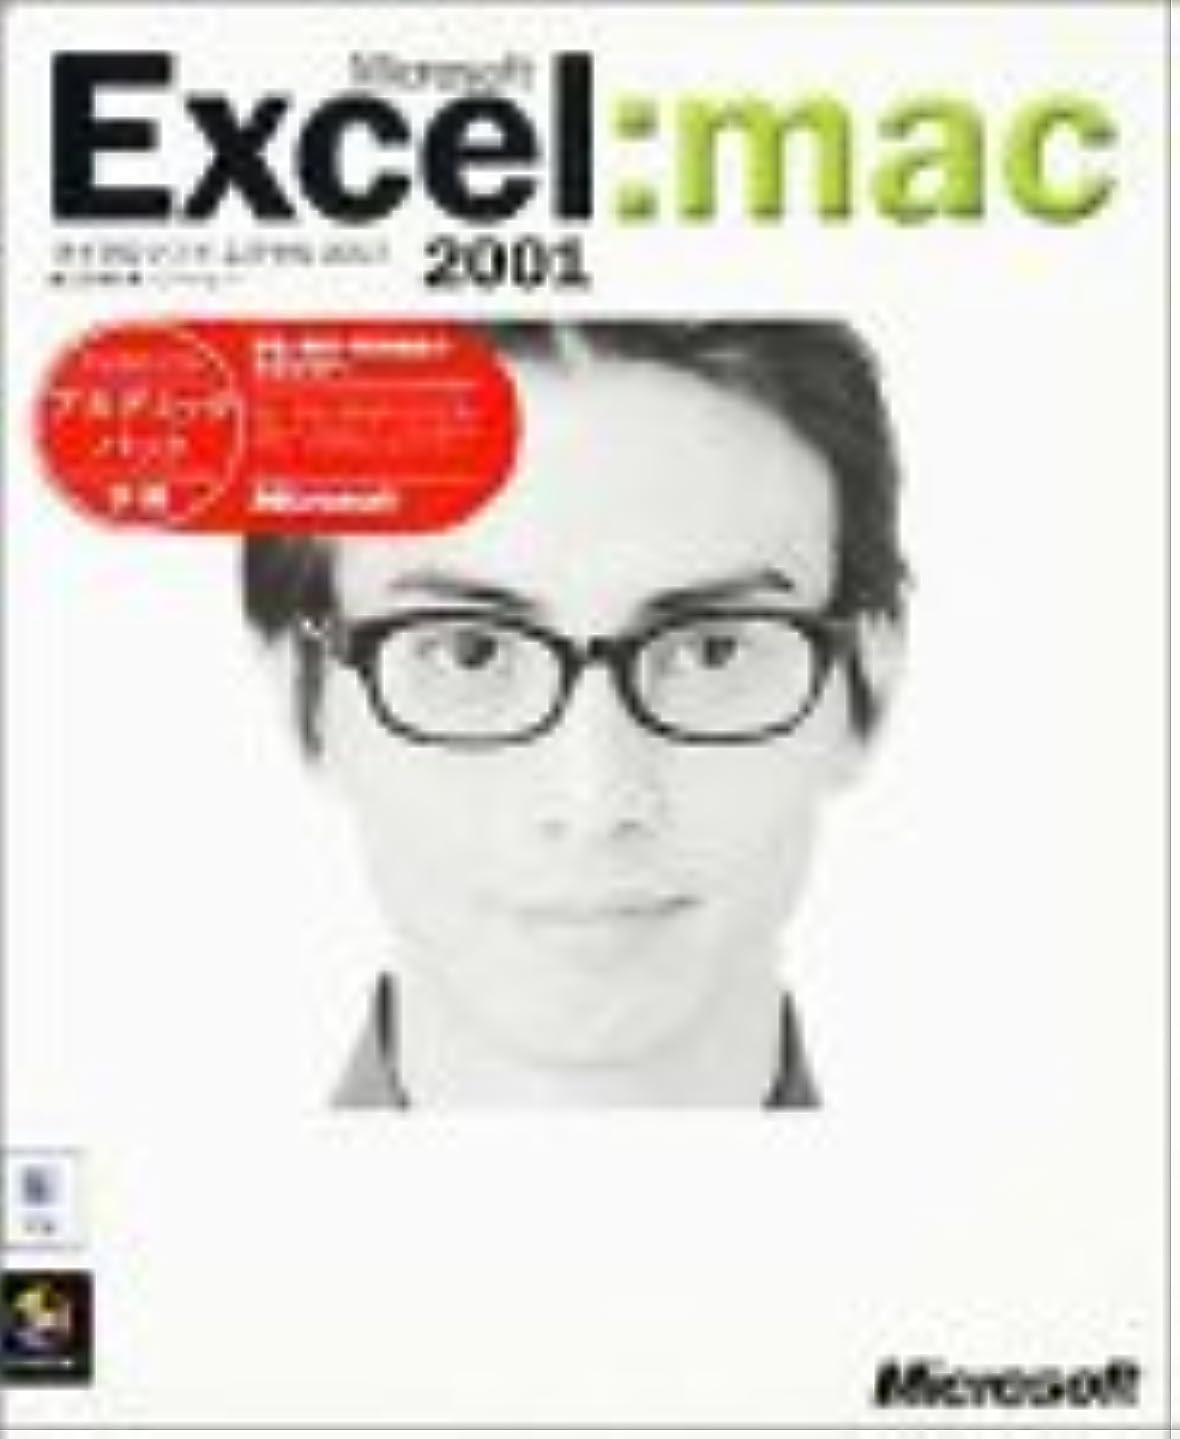 カウンターパートブリード疎外する【旧商品】Microsoft Excel2001 for Mac アカデミックパック